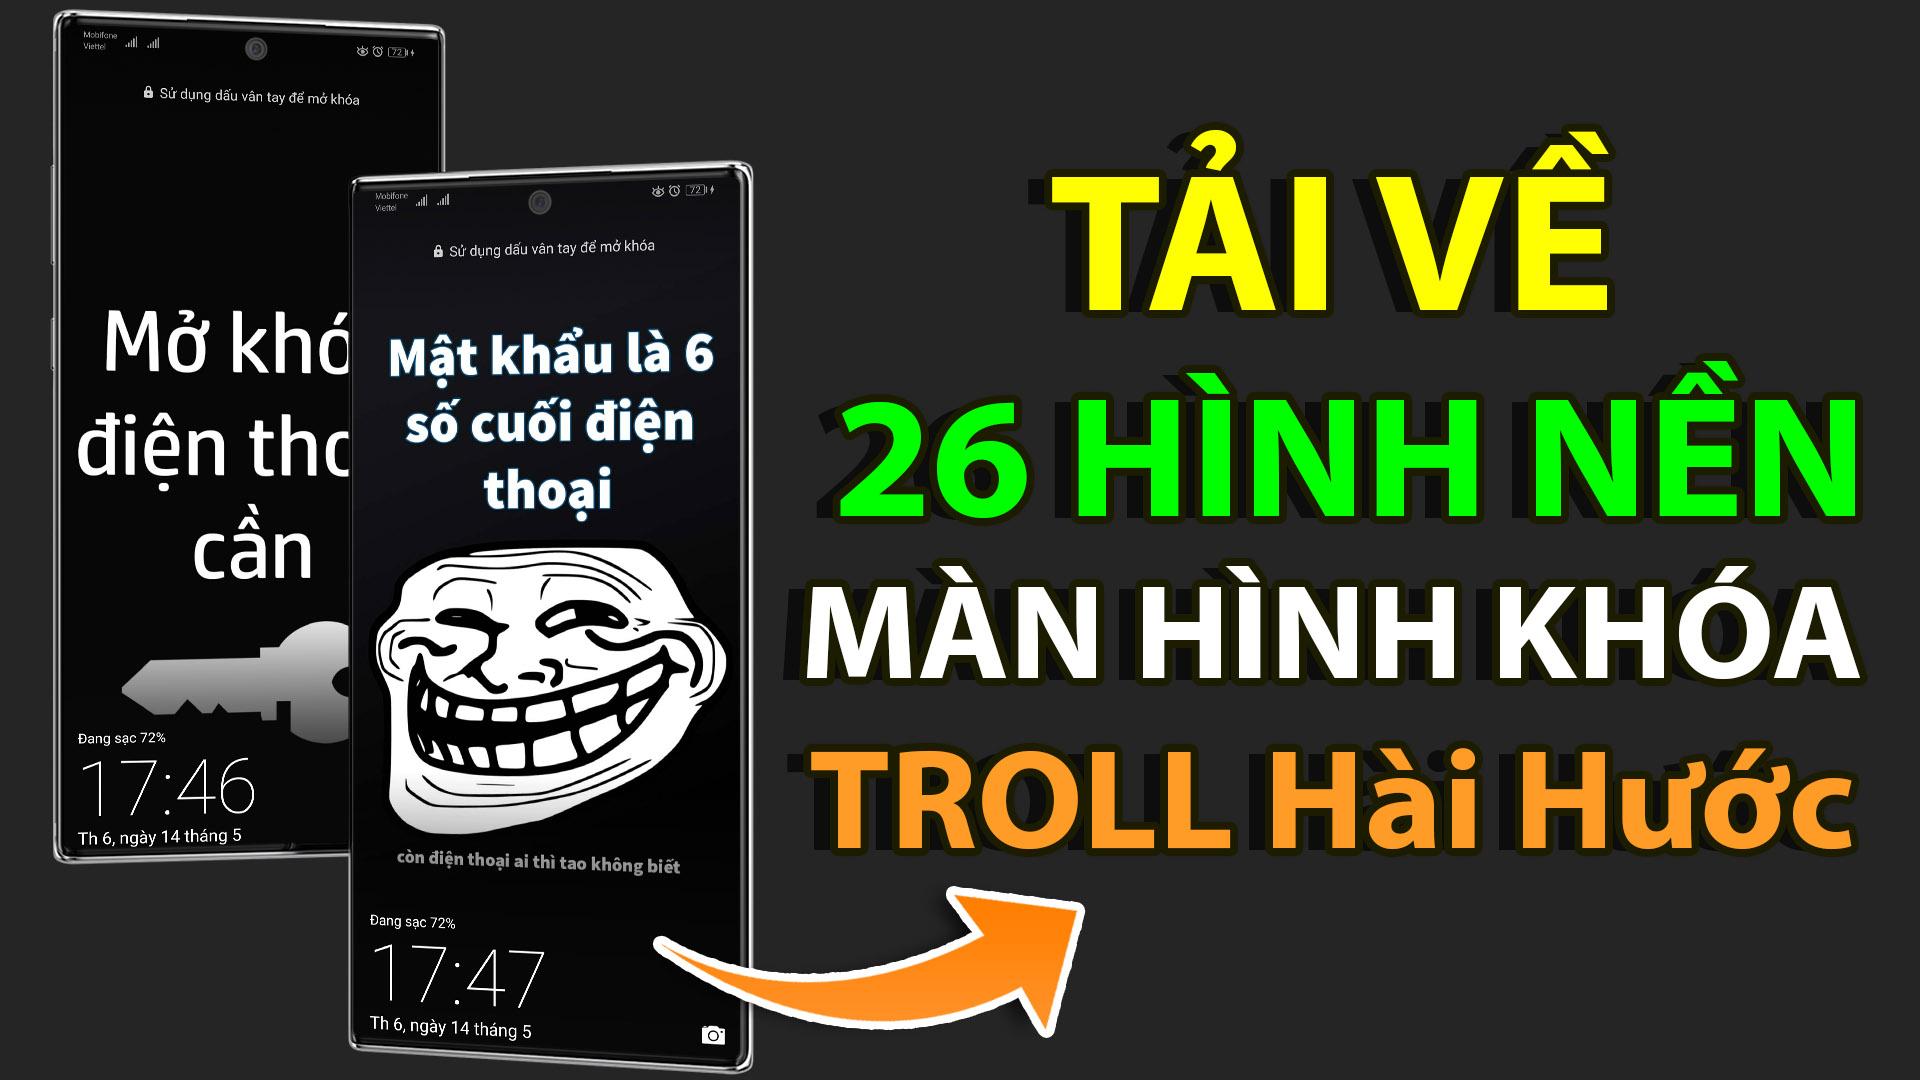 Tải về 26 hình nền màn hình khóa điện thoại hài hước troll bạn bạn bè